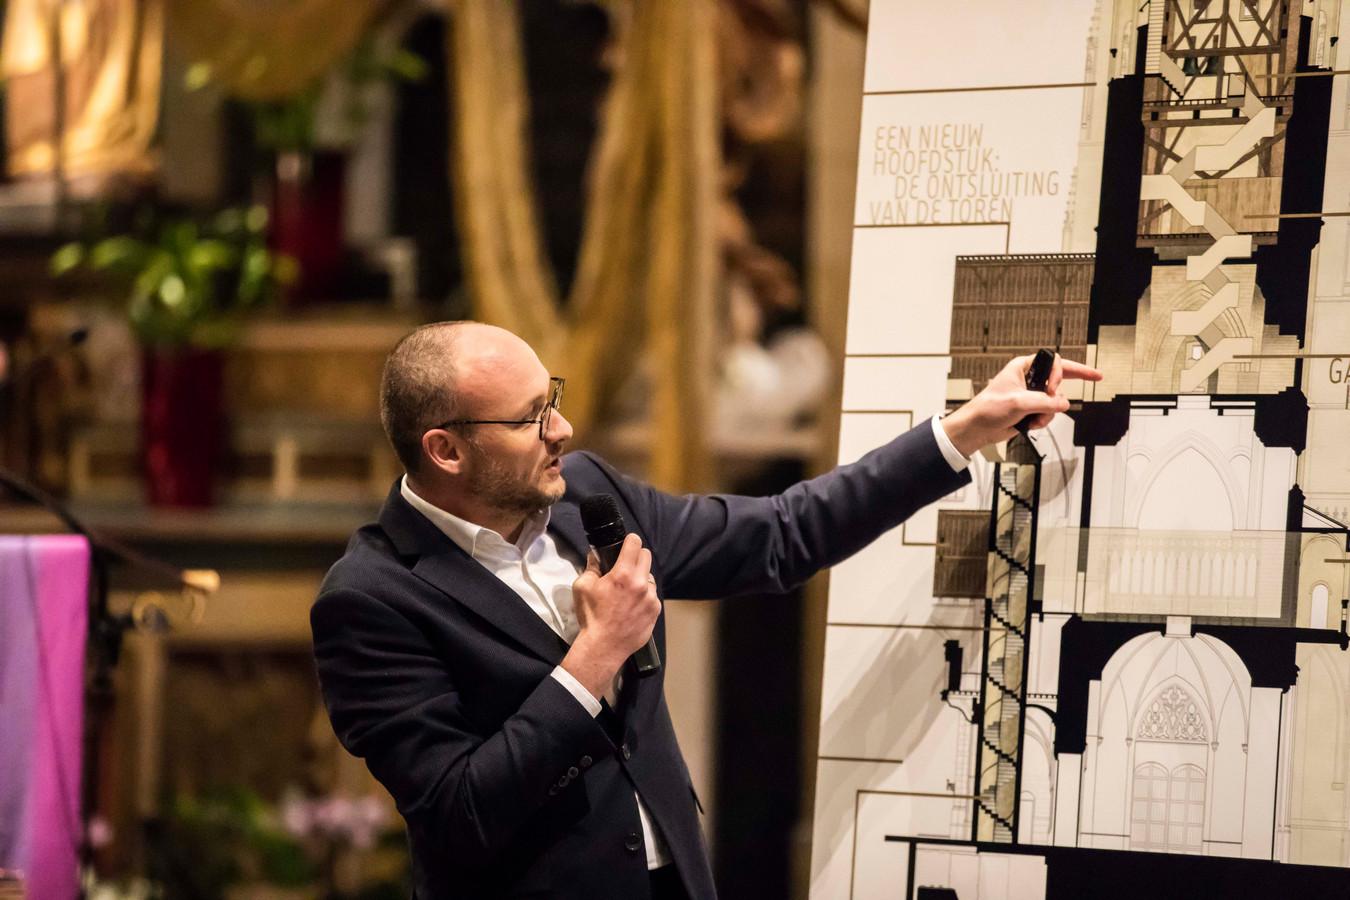 Architect Chris Van Brussel van Architectenbureau Michel Janssen vertelde en illustreerde zondag voor een geïnteresseerd publiek  hoe de ontsluiting zal gerealiseerd worden.